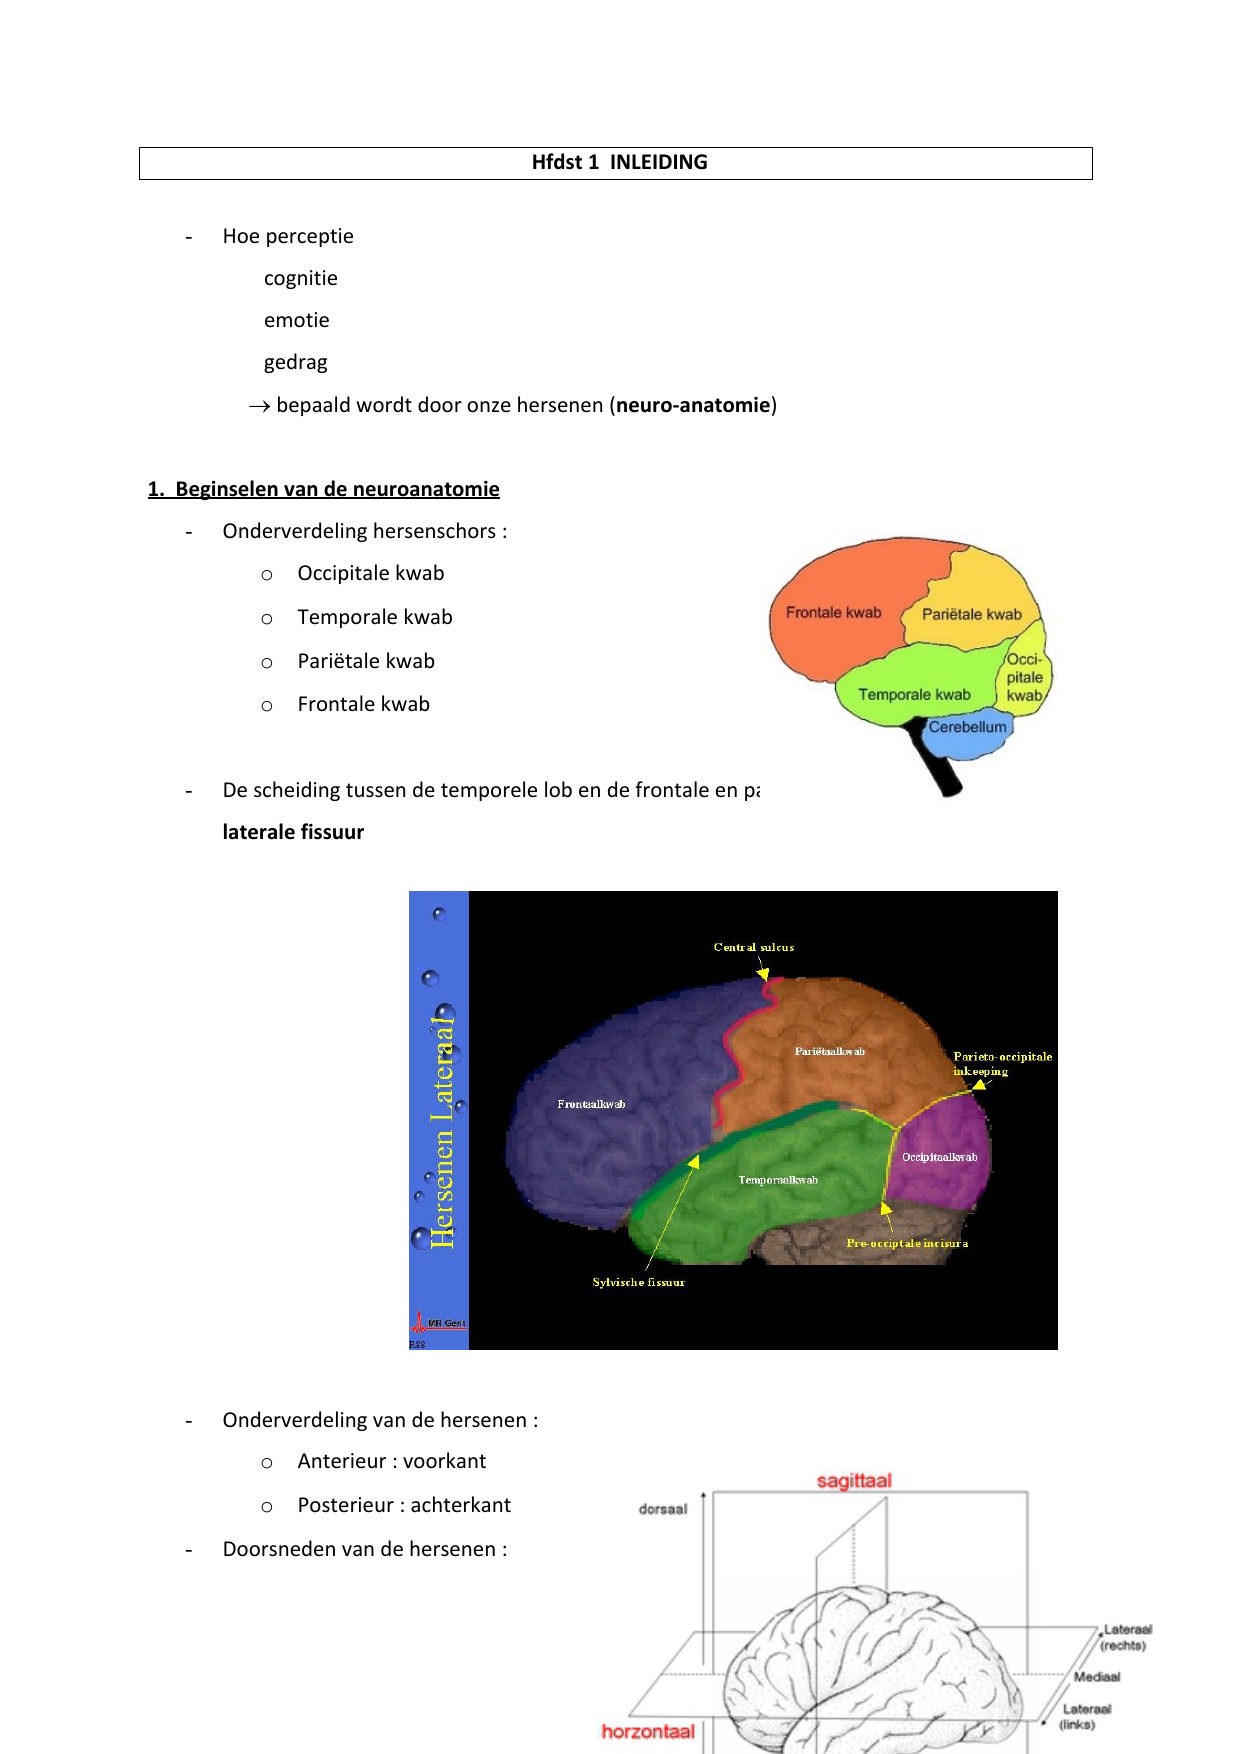 Hoe perceptie cognitie emotie gedrag → bepaald wordt door onze